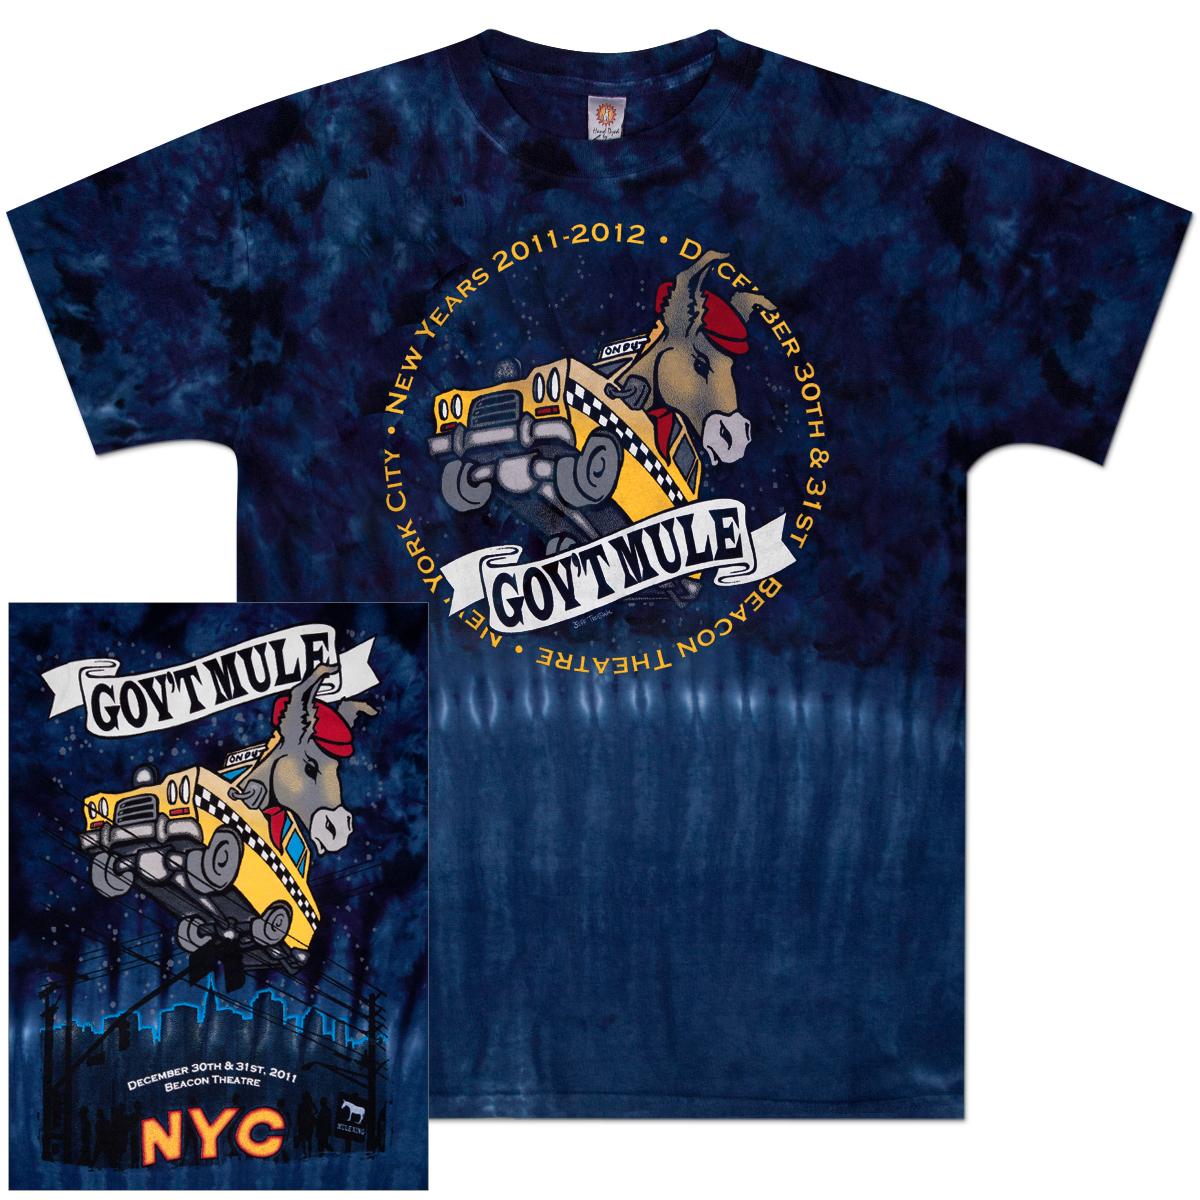 Gov't Mule 2011-2012 New Year's Run Tie-Dye